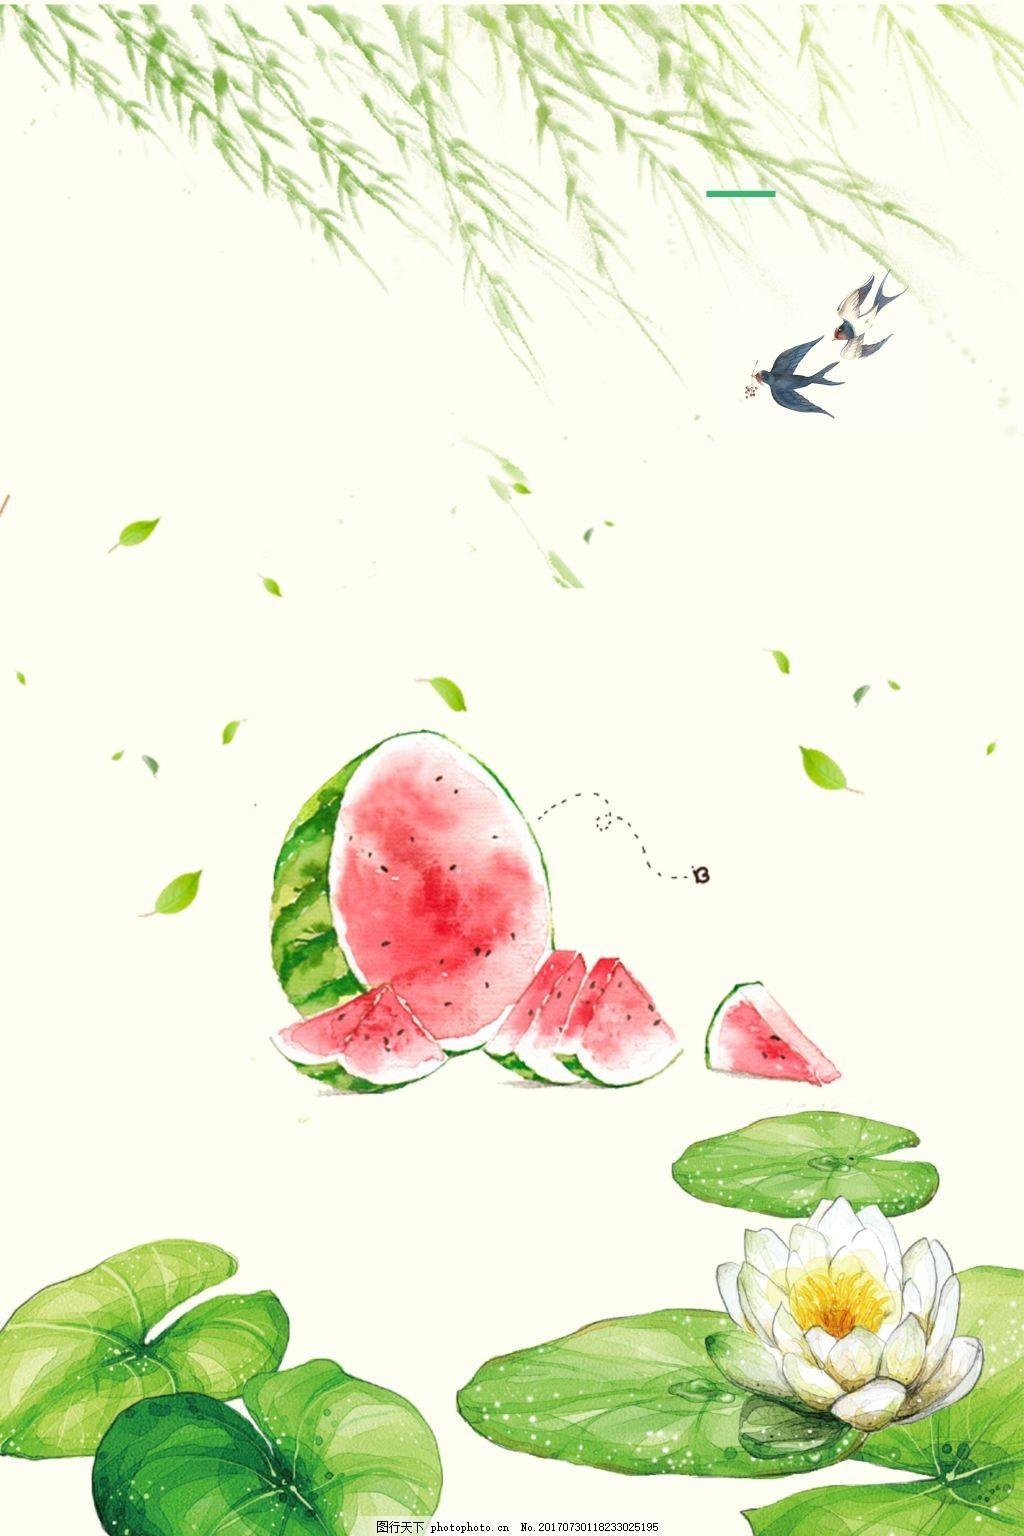 中国风柳叶西瓜荷叶背景 水墨画 小清新 荷花